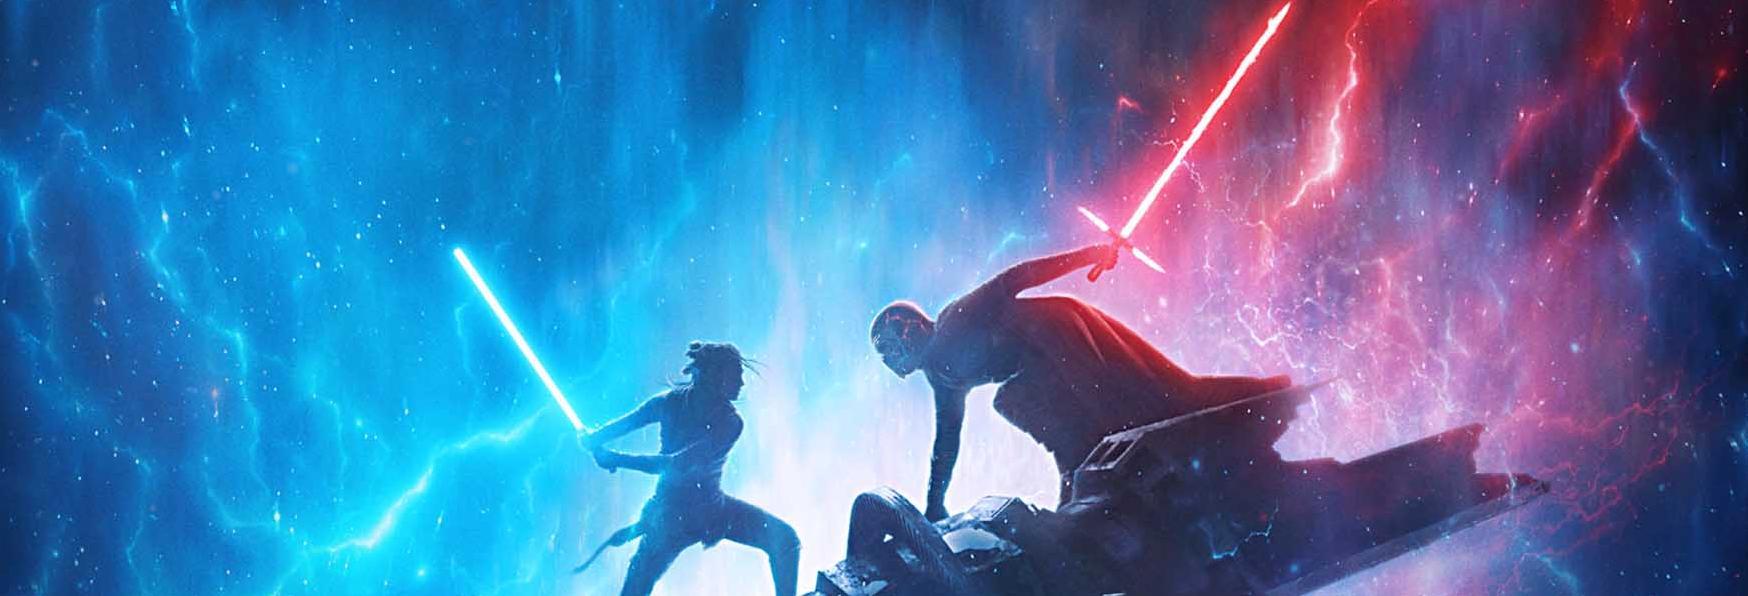 In arrivo una nuova Serie TV Disney ambientata nell'Universo Star Wars